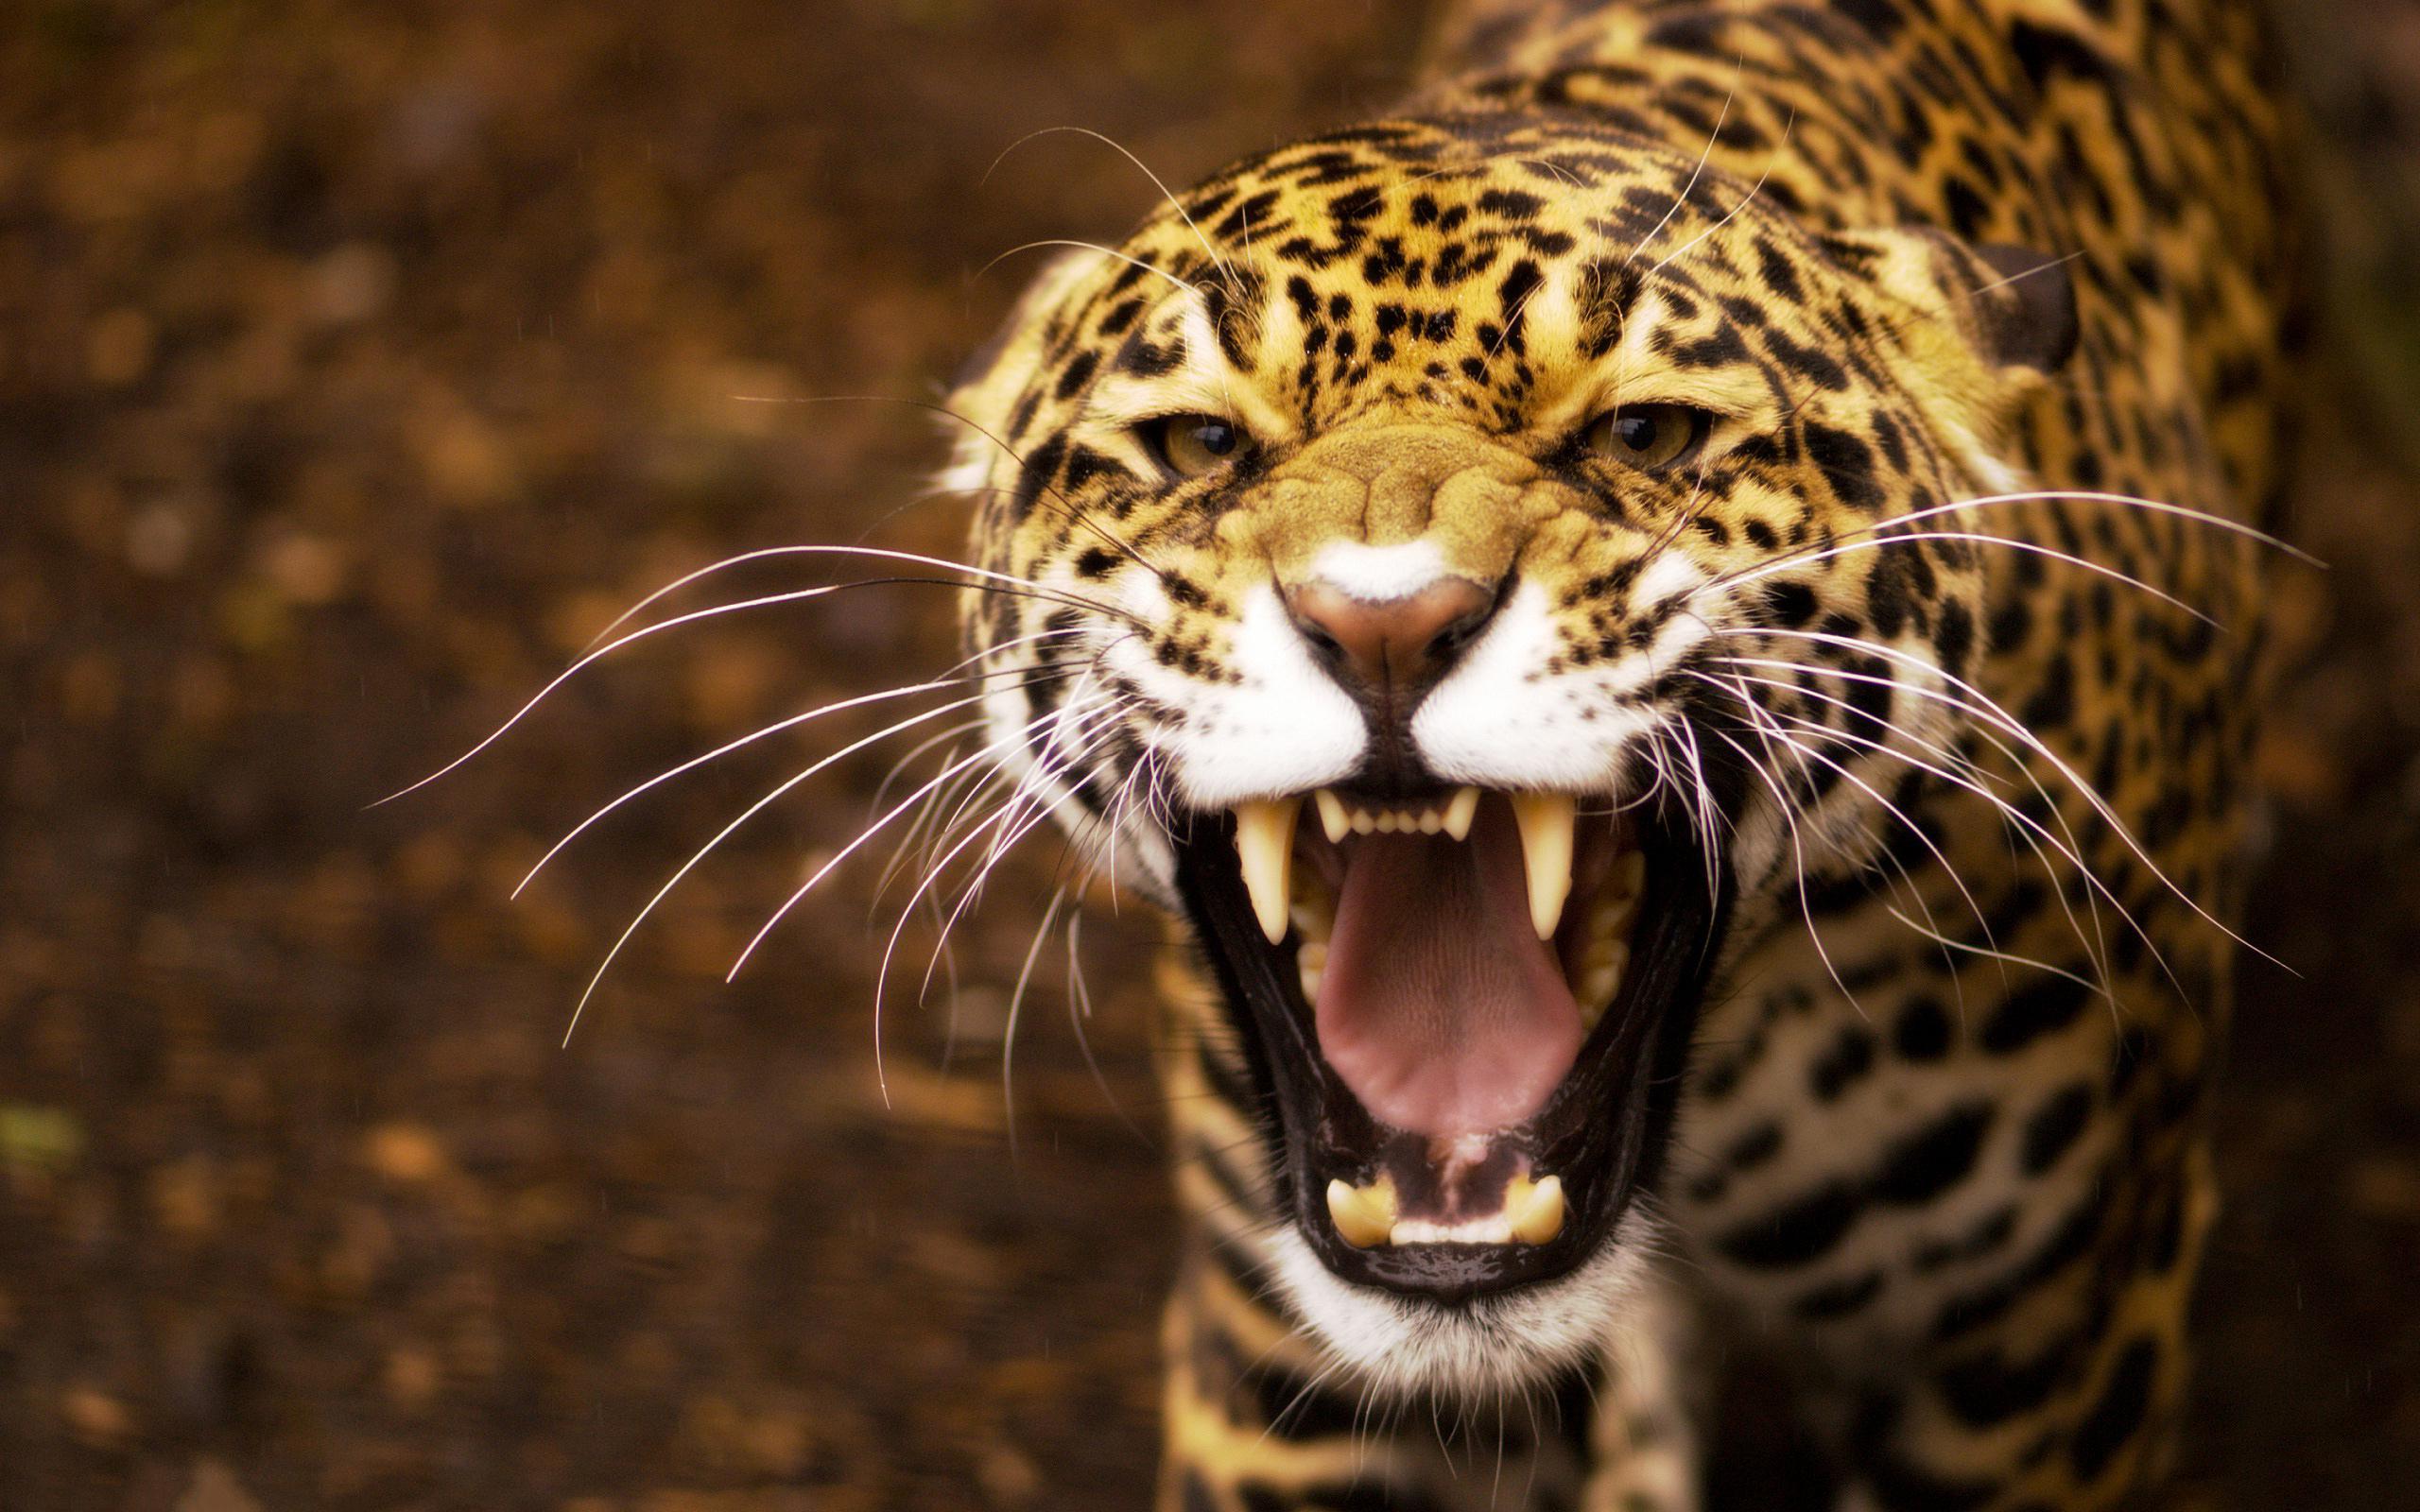 jaguar wallpaper angry